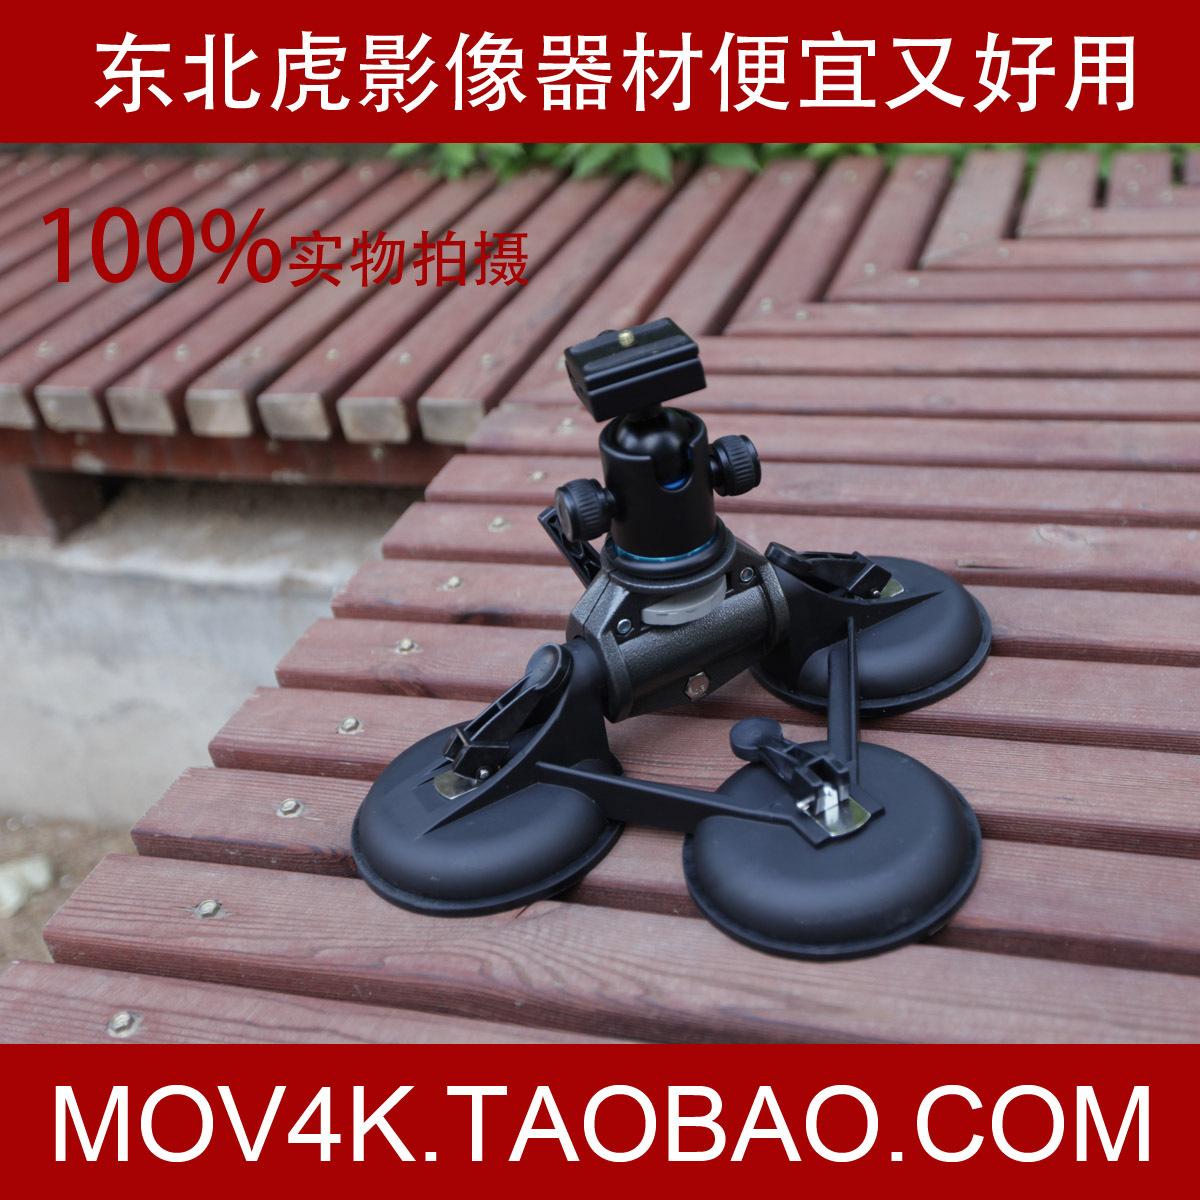 Аксессуары для видеокамеры Тигры челюсти присоски для камеры стабилизатор, по оценкам, были черные долгое время hehe